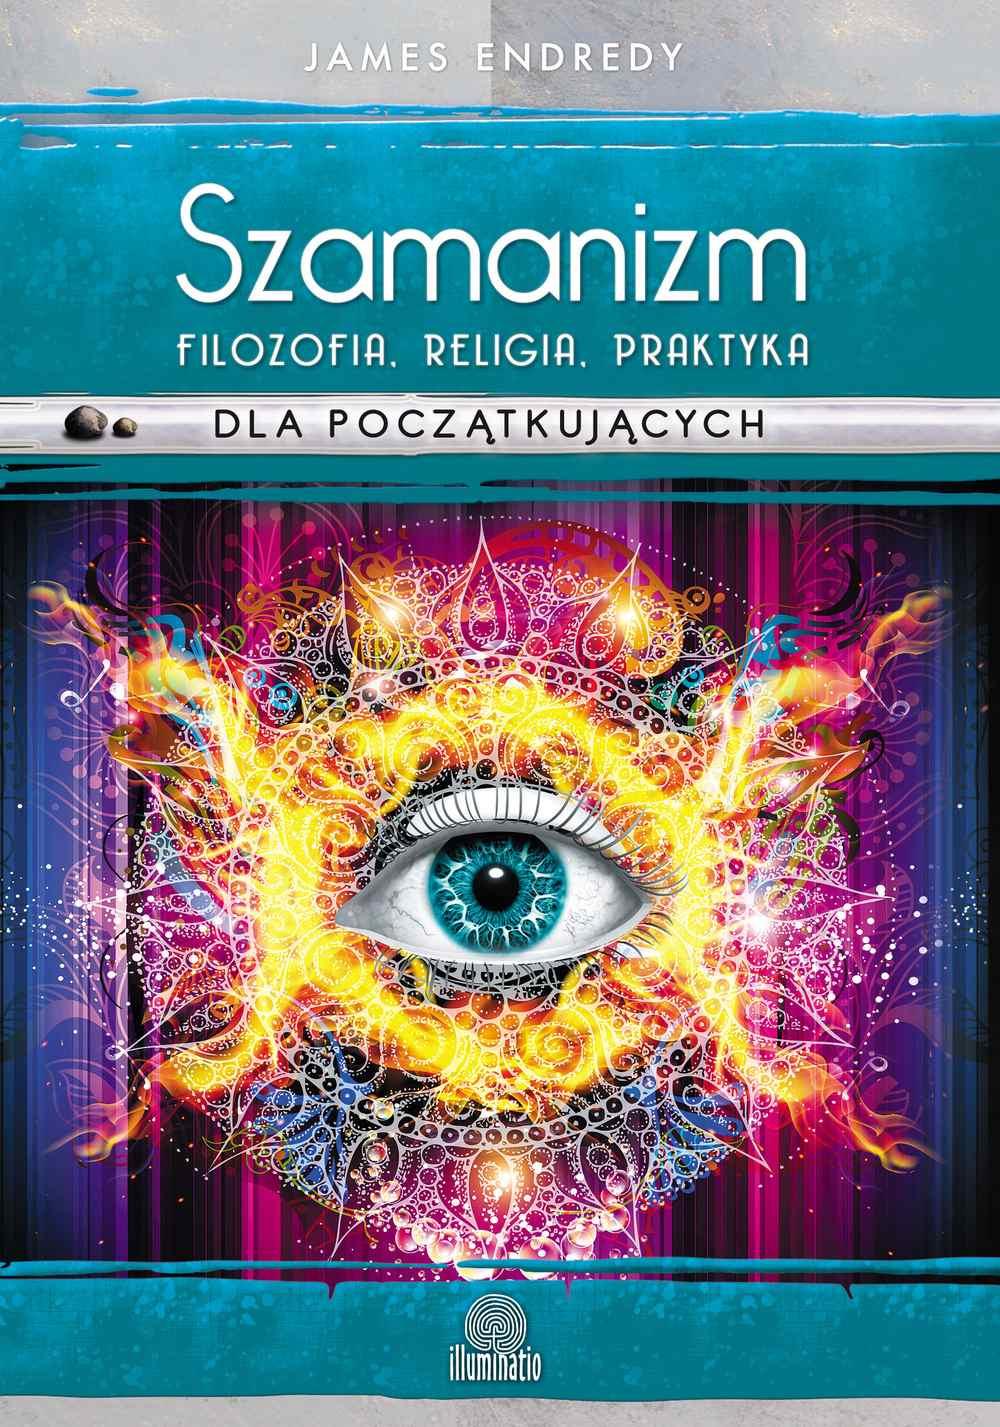 Szamanizm: filozofia, religia, praktyka dla początkujących - Ebook (Książka na Kindle) do pobrania w formacie MOBI